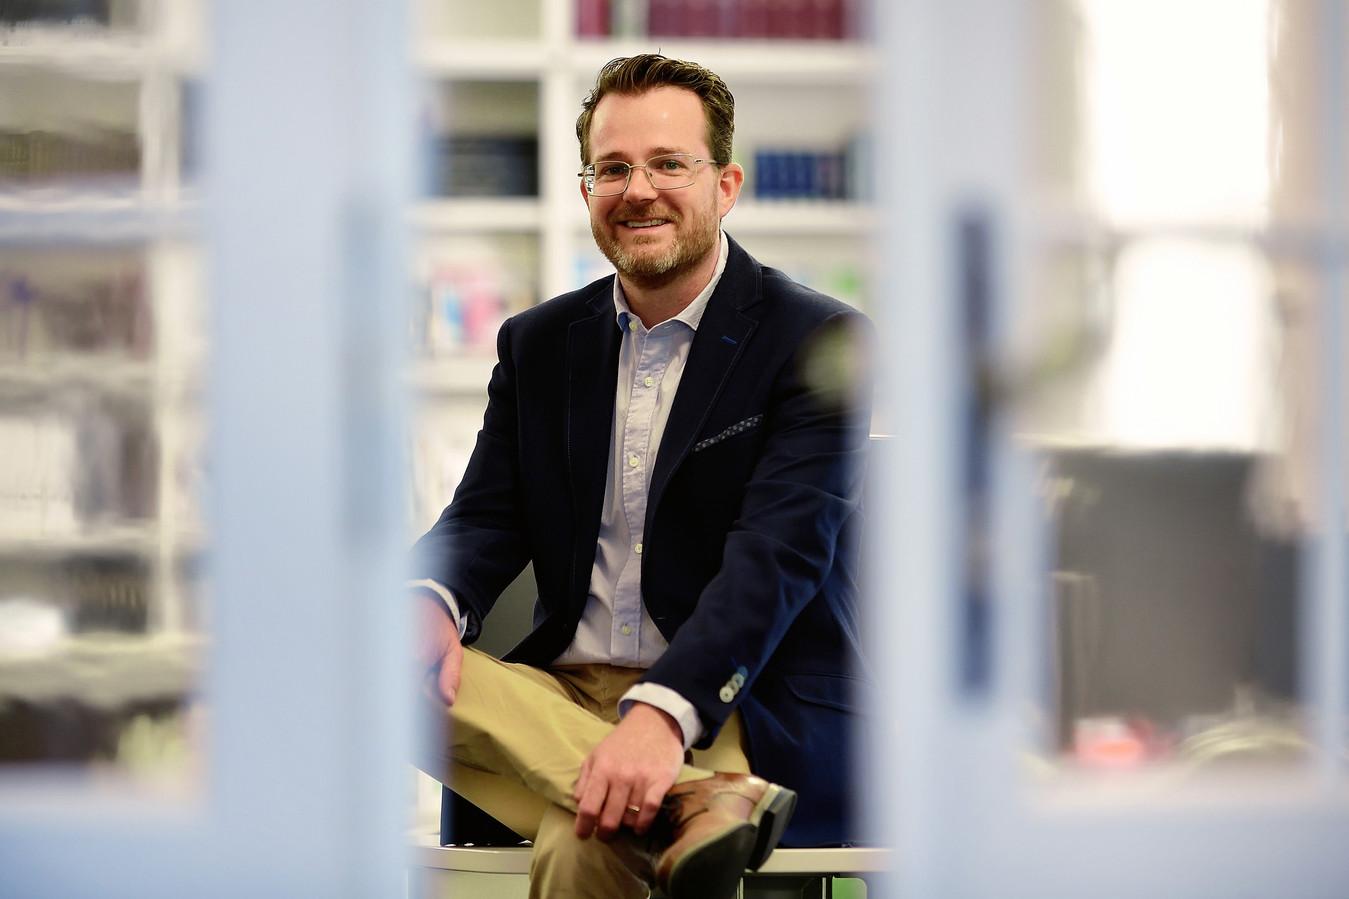 Marcel Korving is de nieuwe directeur van het West Brabants.